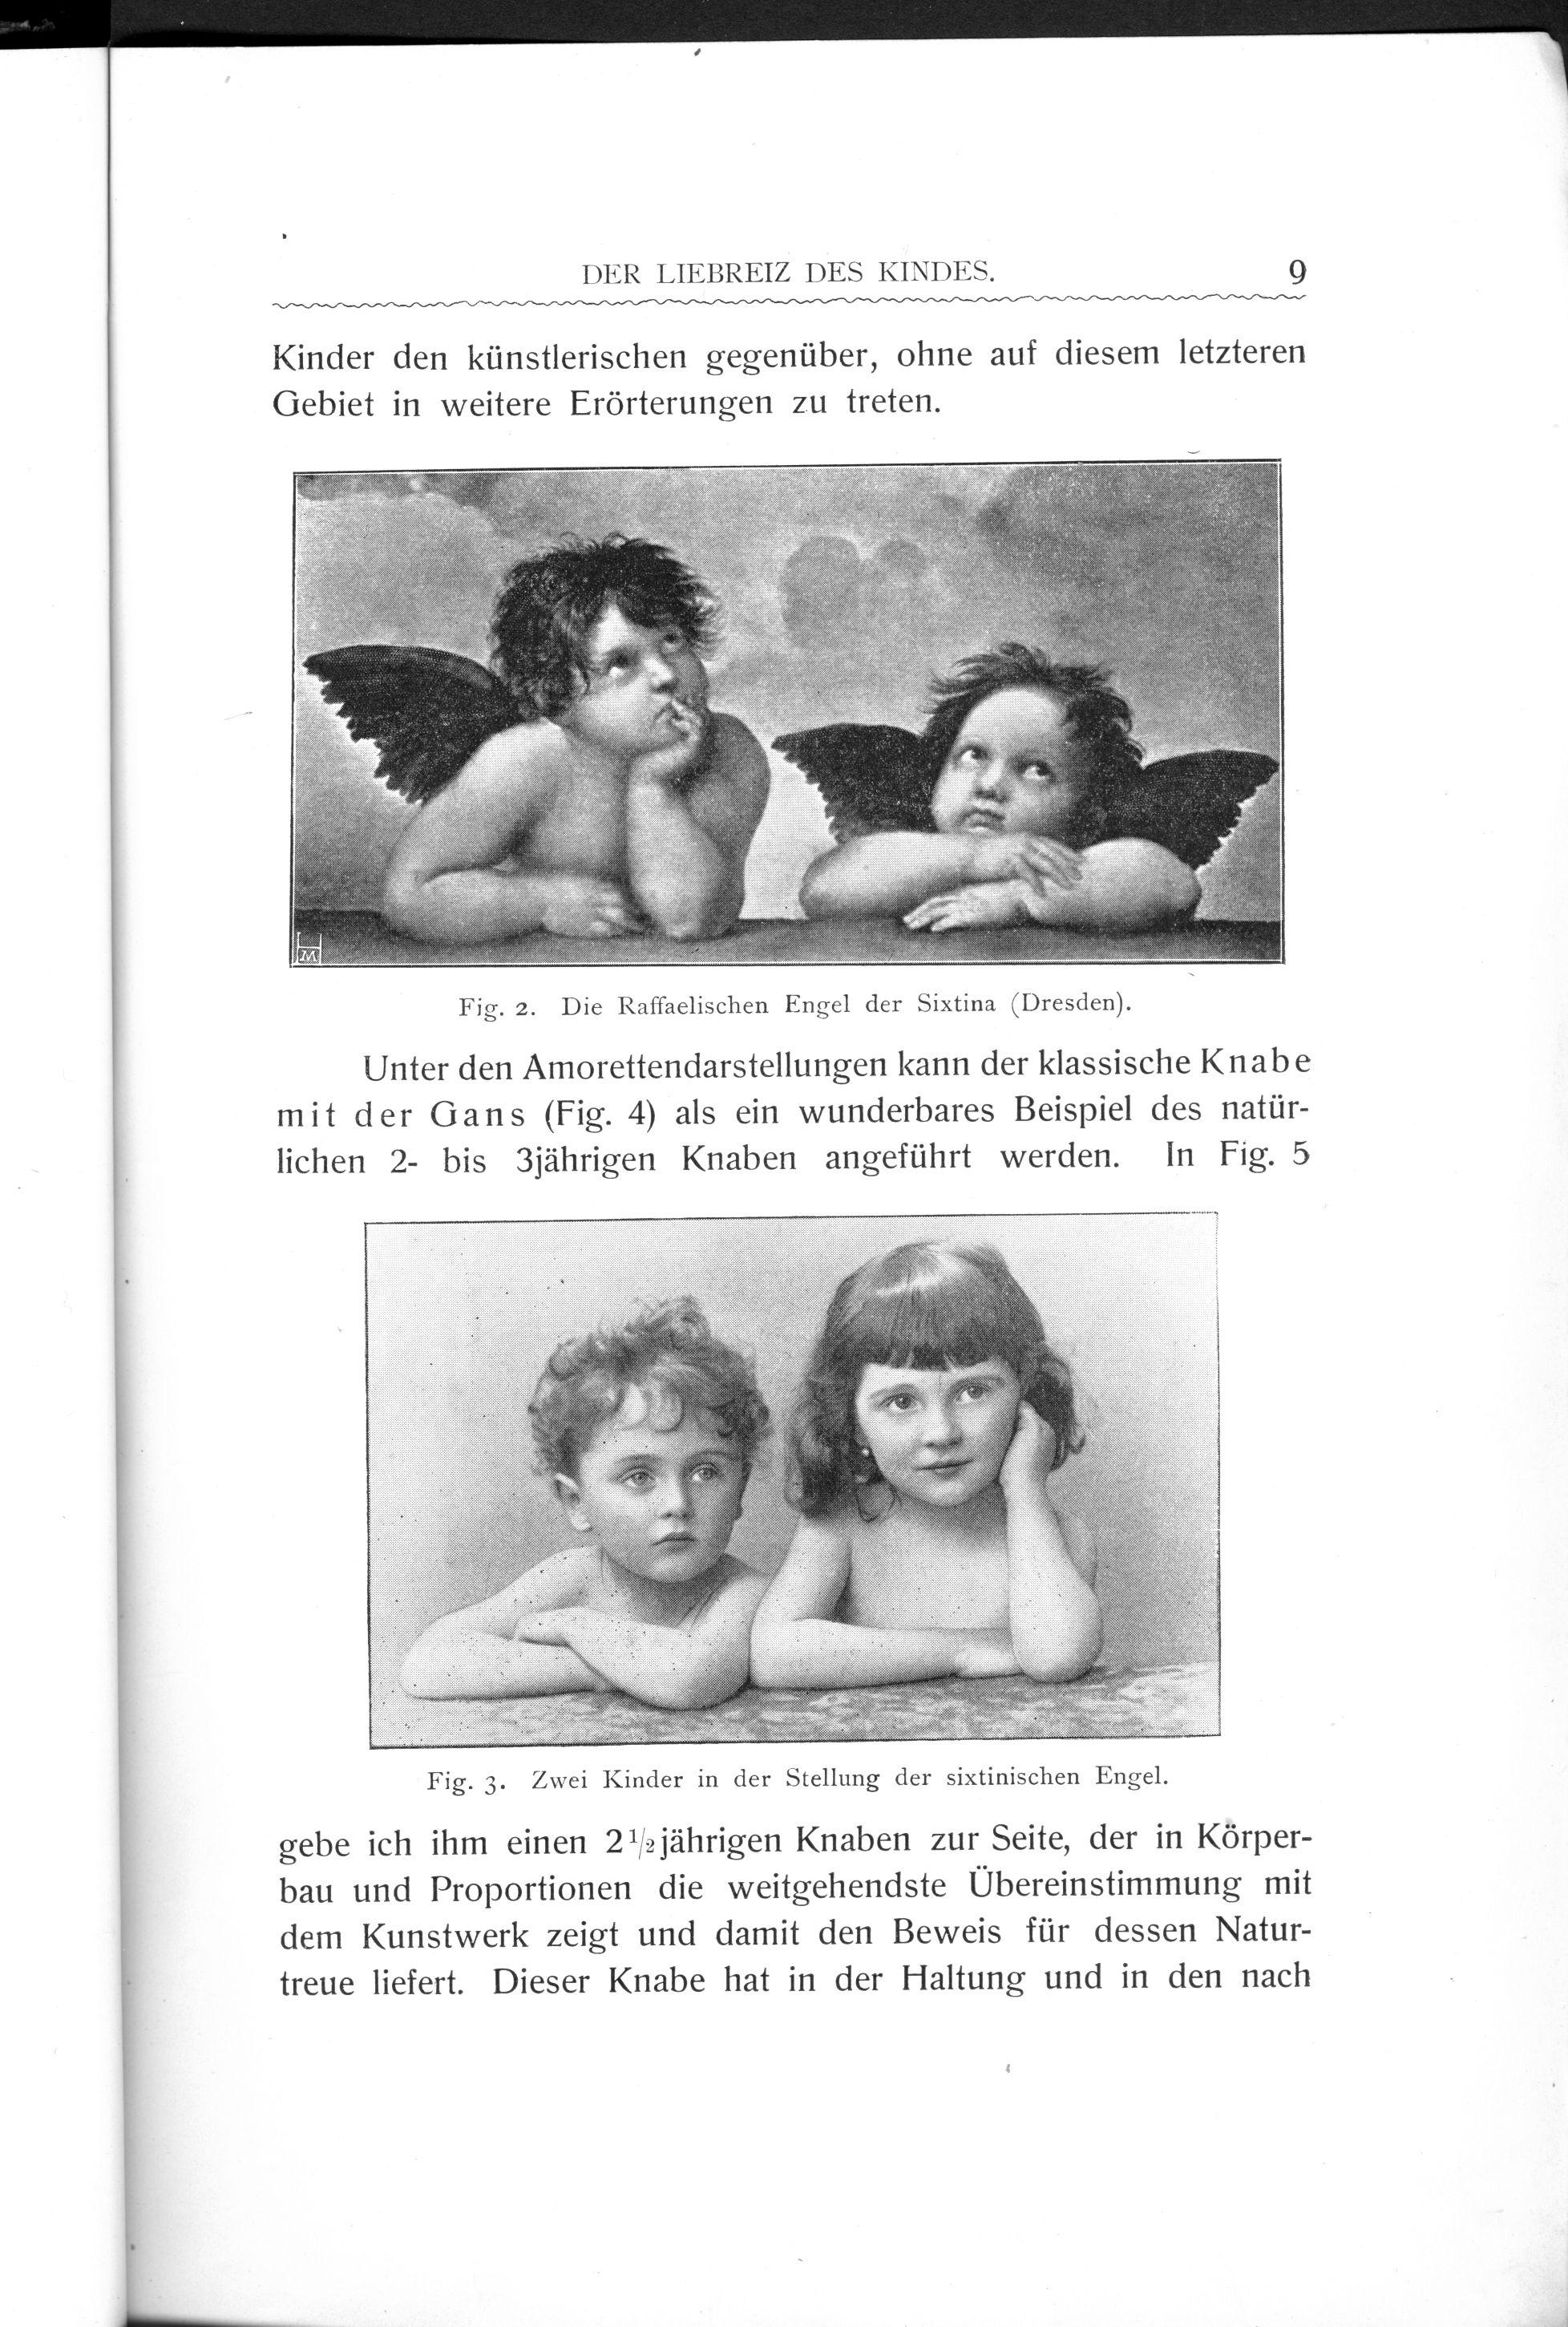 File:Stratz Körper des Kindes 3 009.jpg - Wikimedia Commons